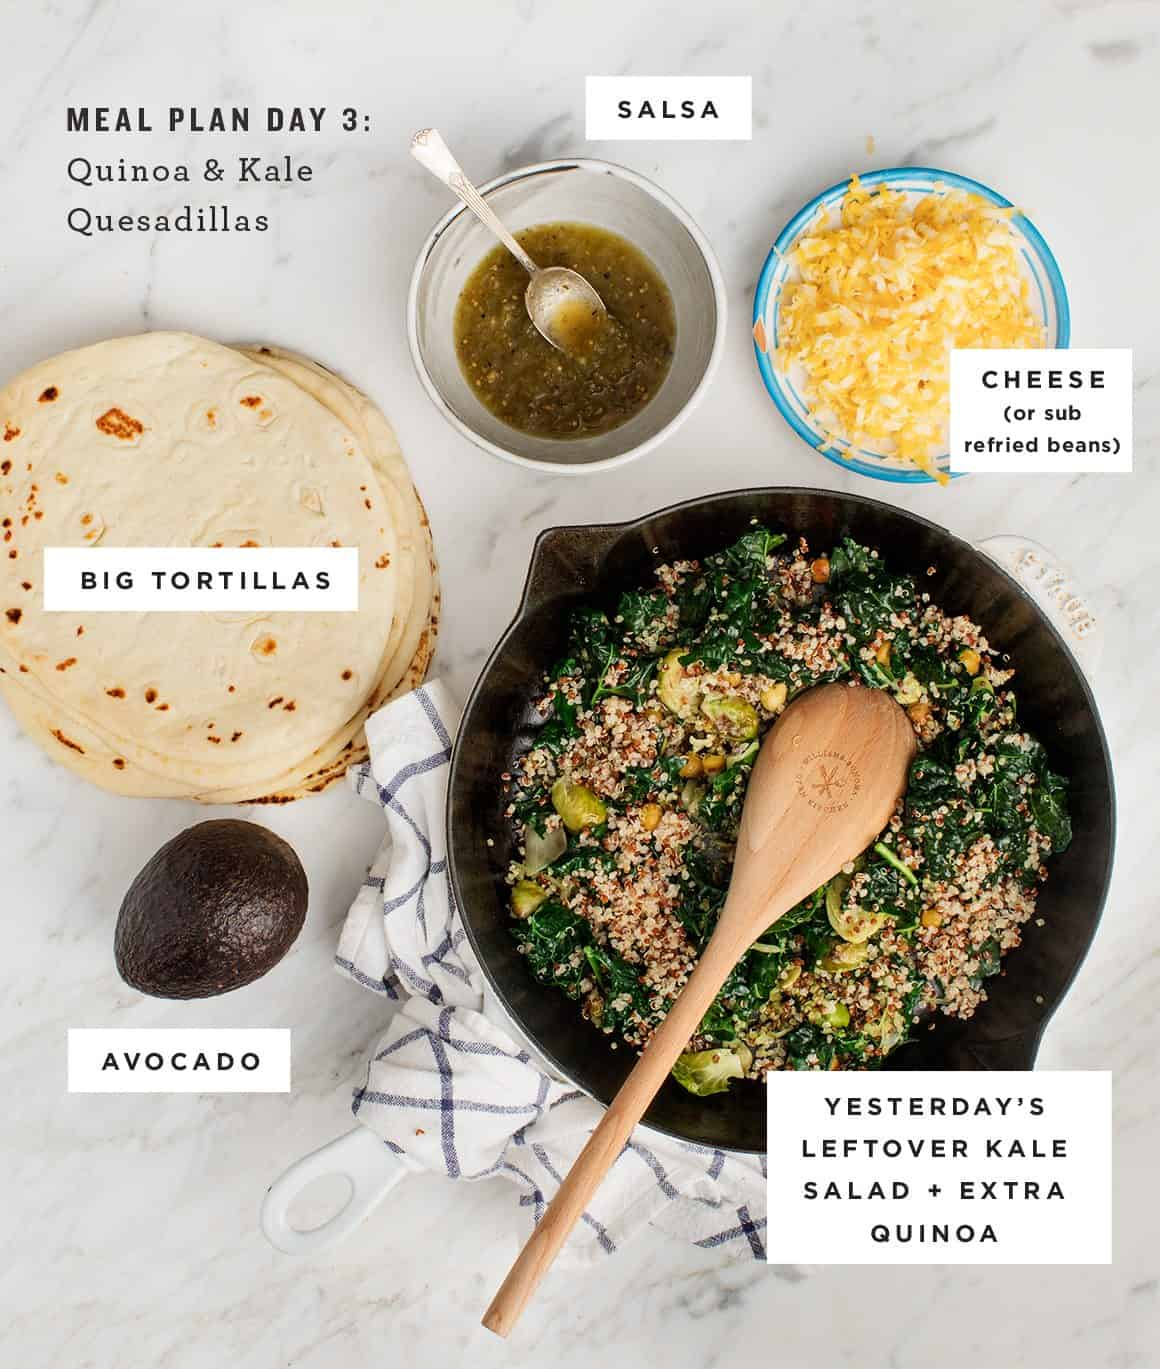 Quinoa & Kale Quesadillas